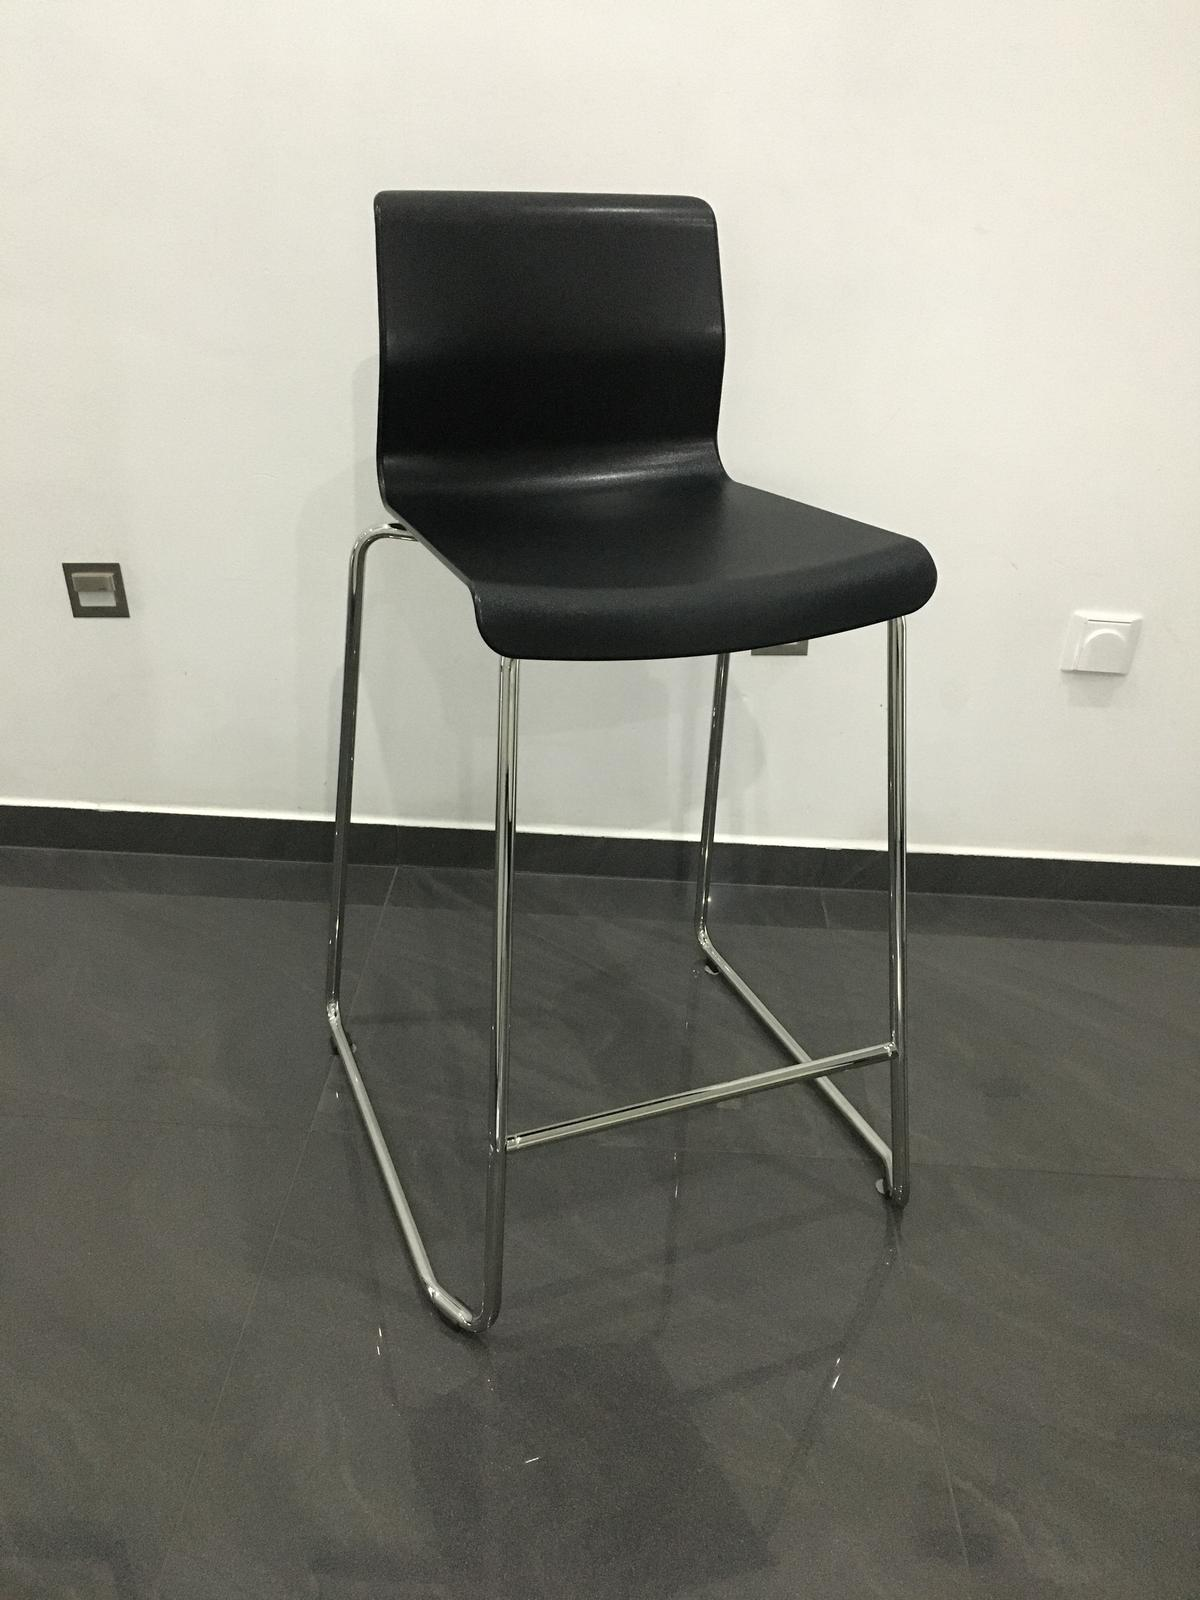 Barová stolicka z Ikei glenn - Obrázok č. 1